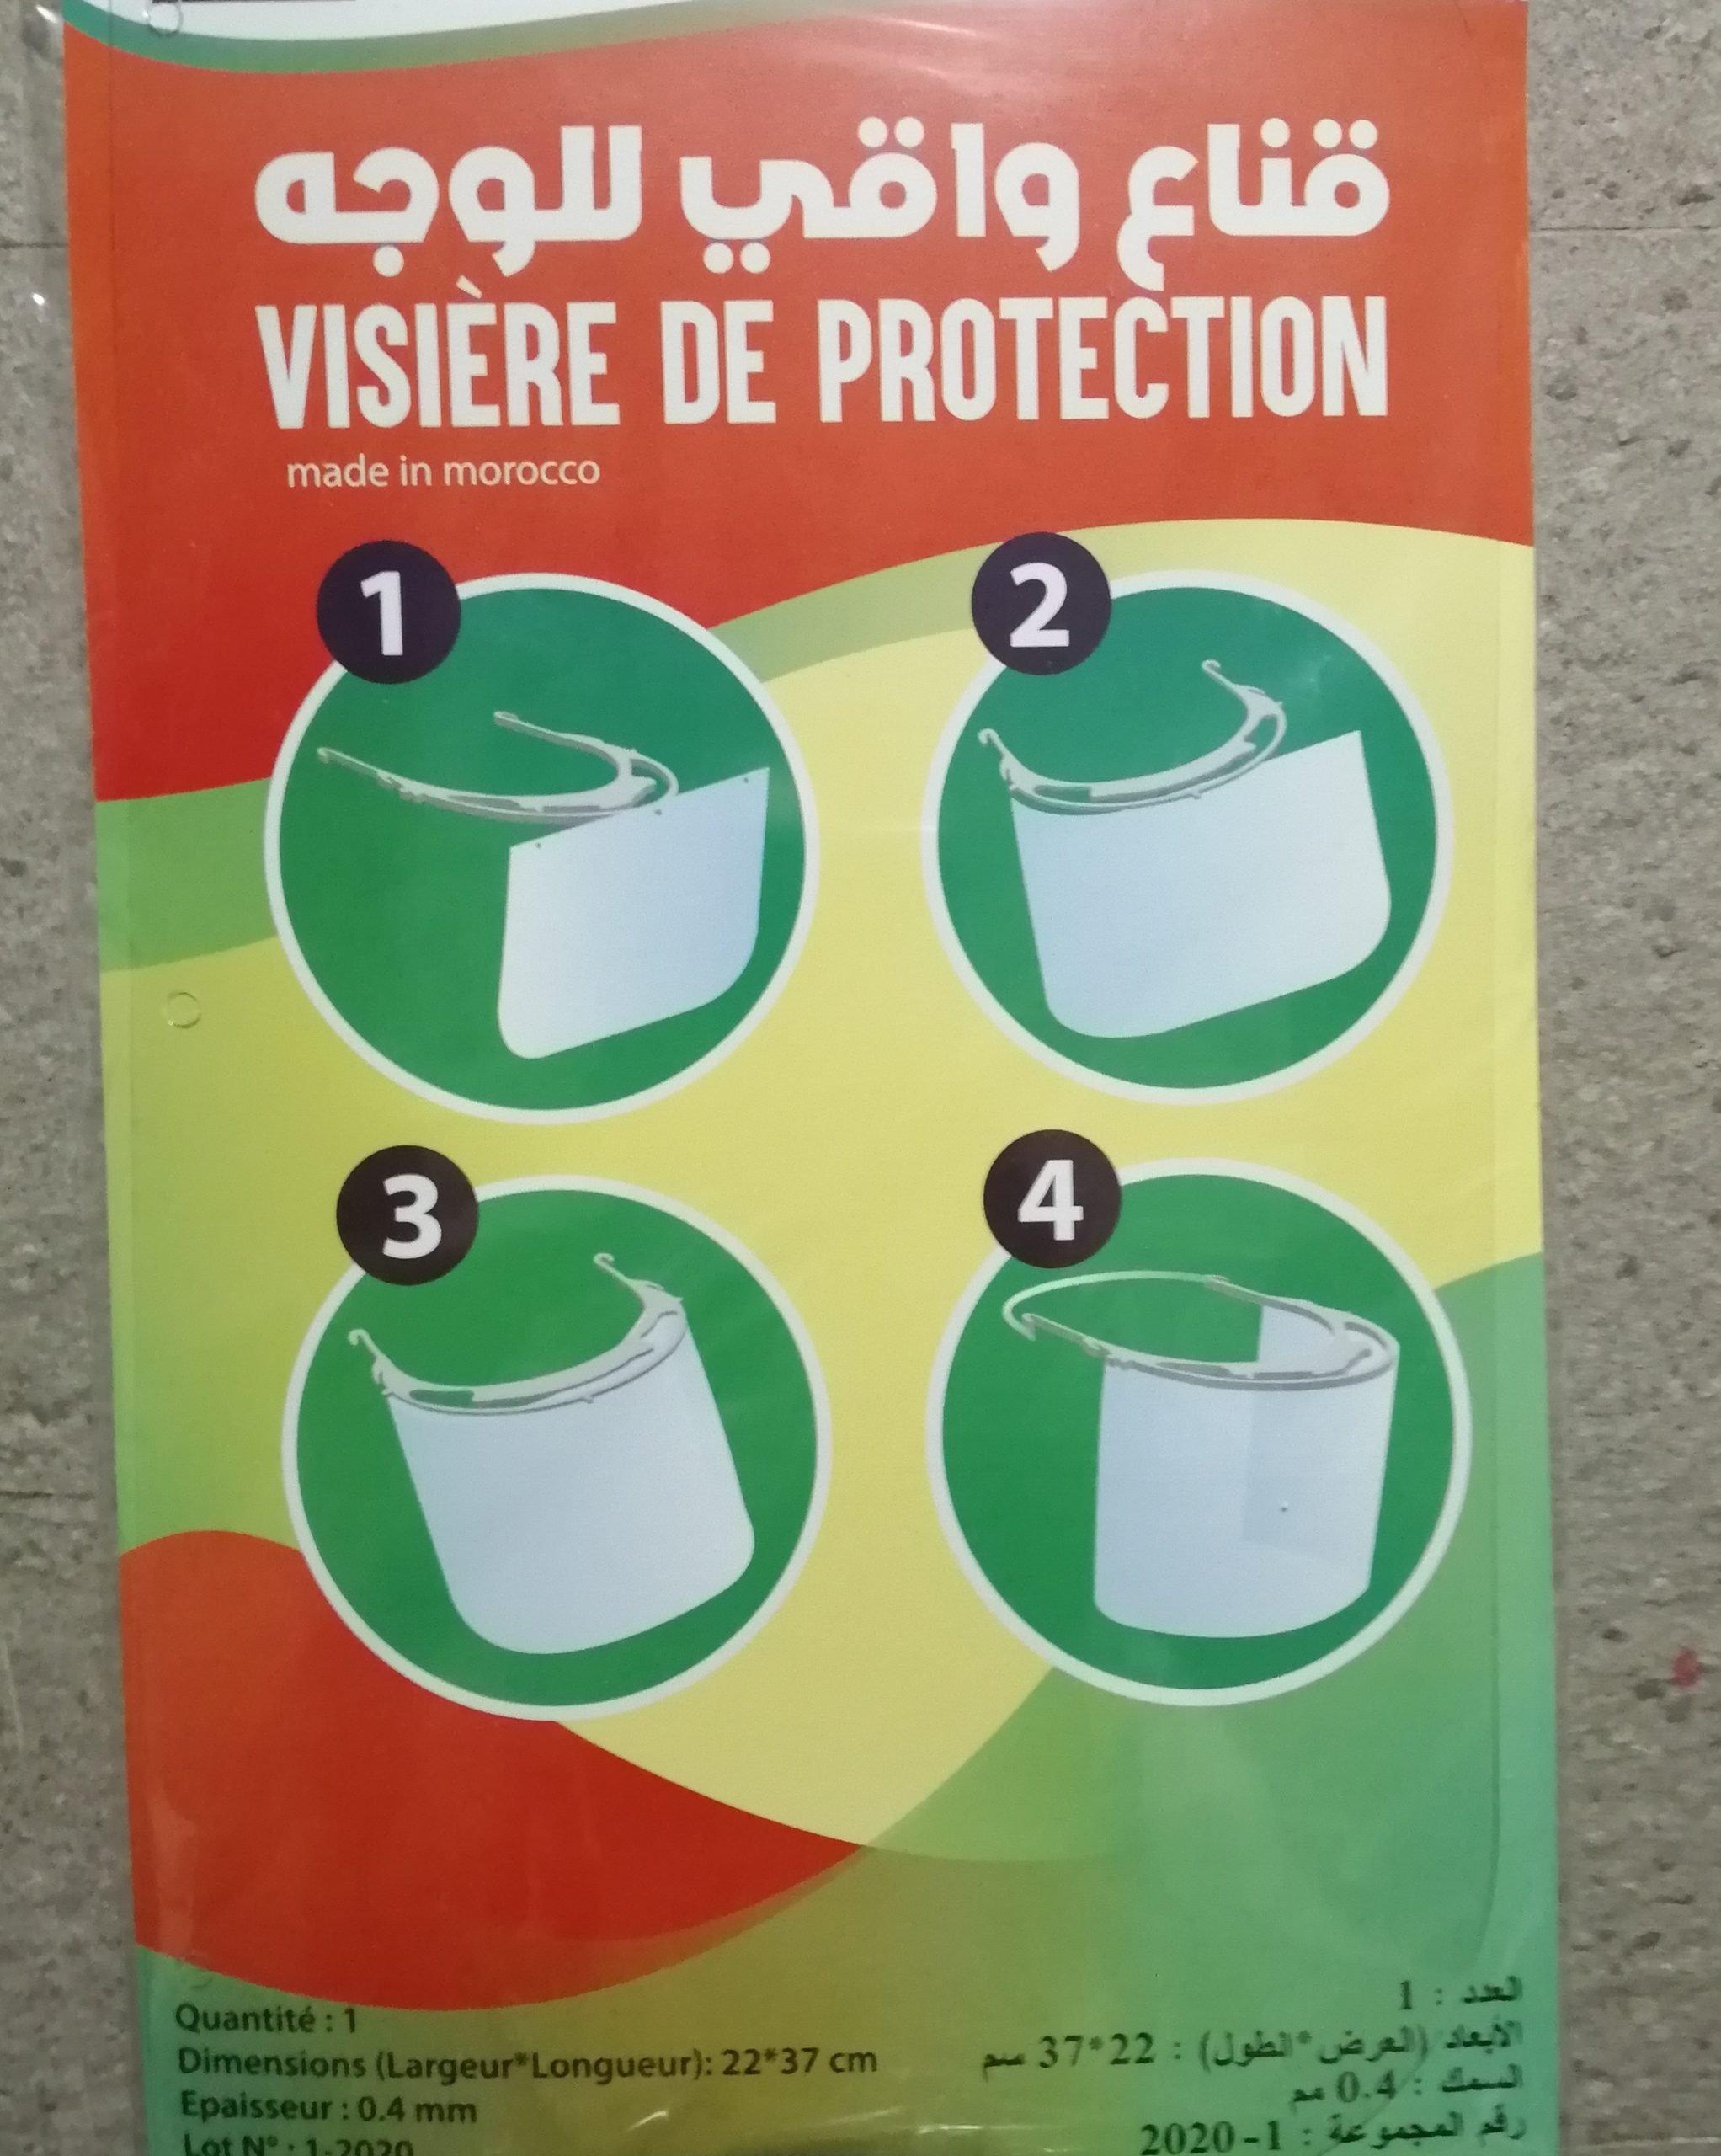 Visières de protection